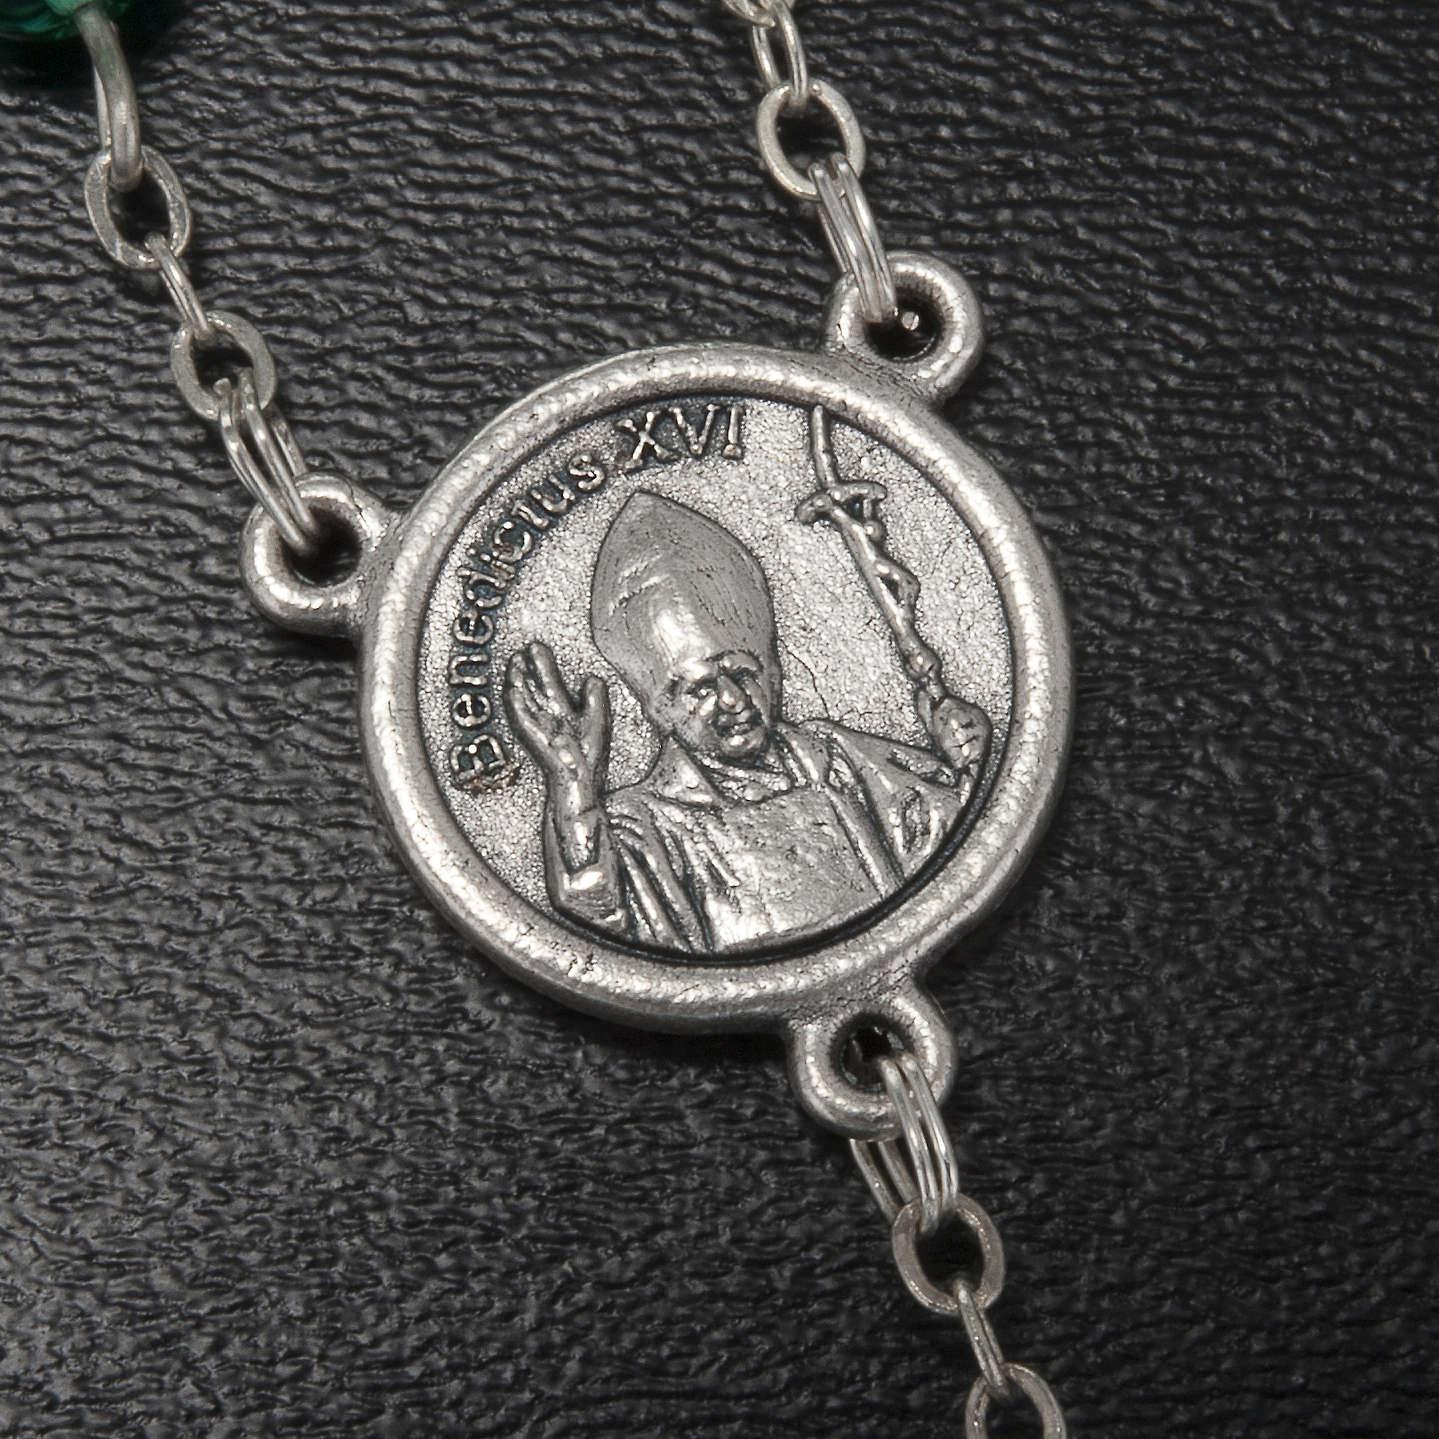 Trisagio Idente vetro immagini Papi 4